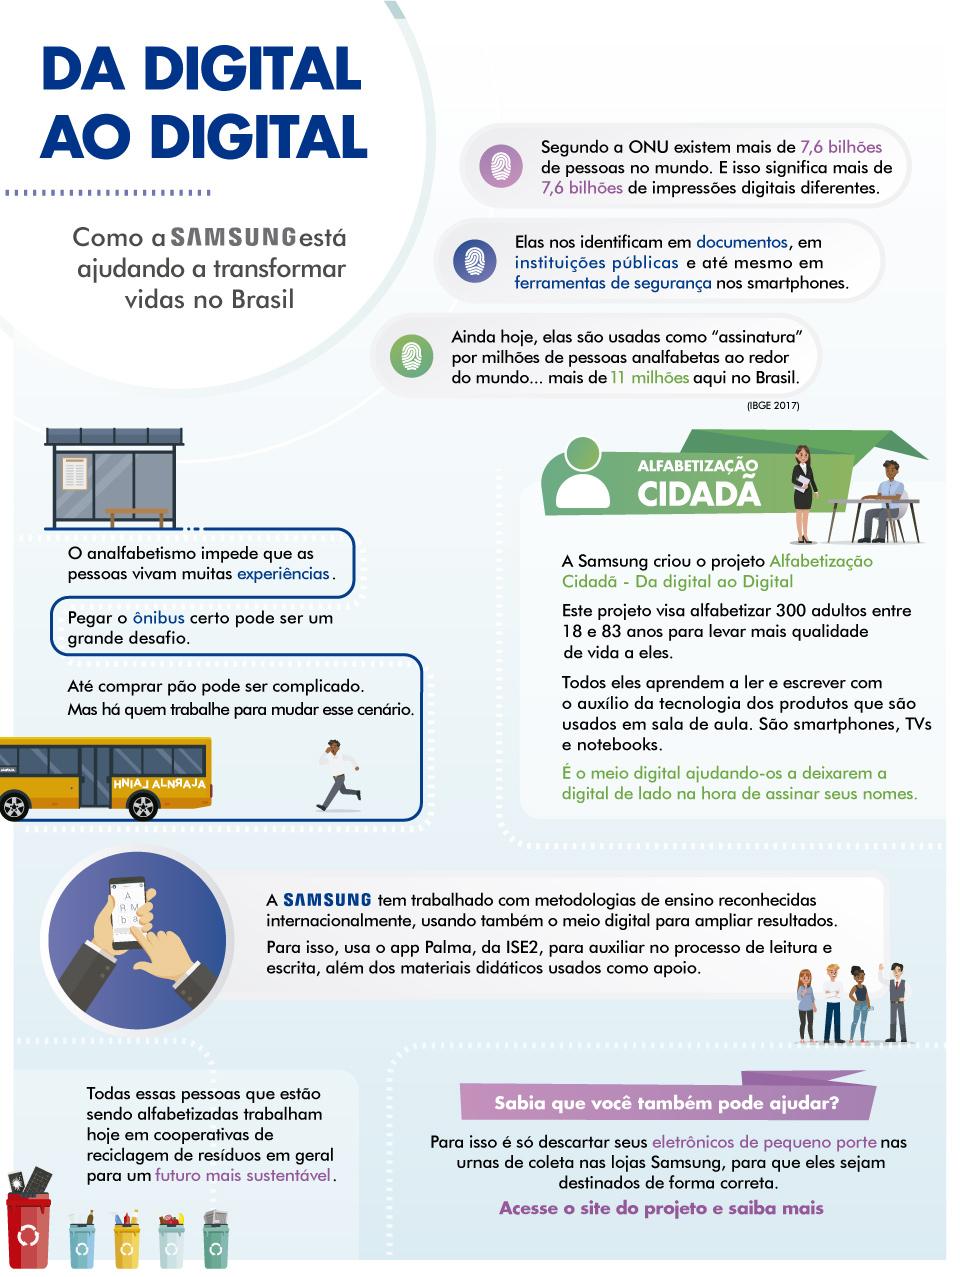 Como a Samsung está usando a tecnologia para transformar vidas no Brasil